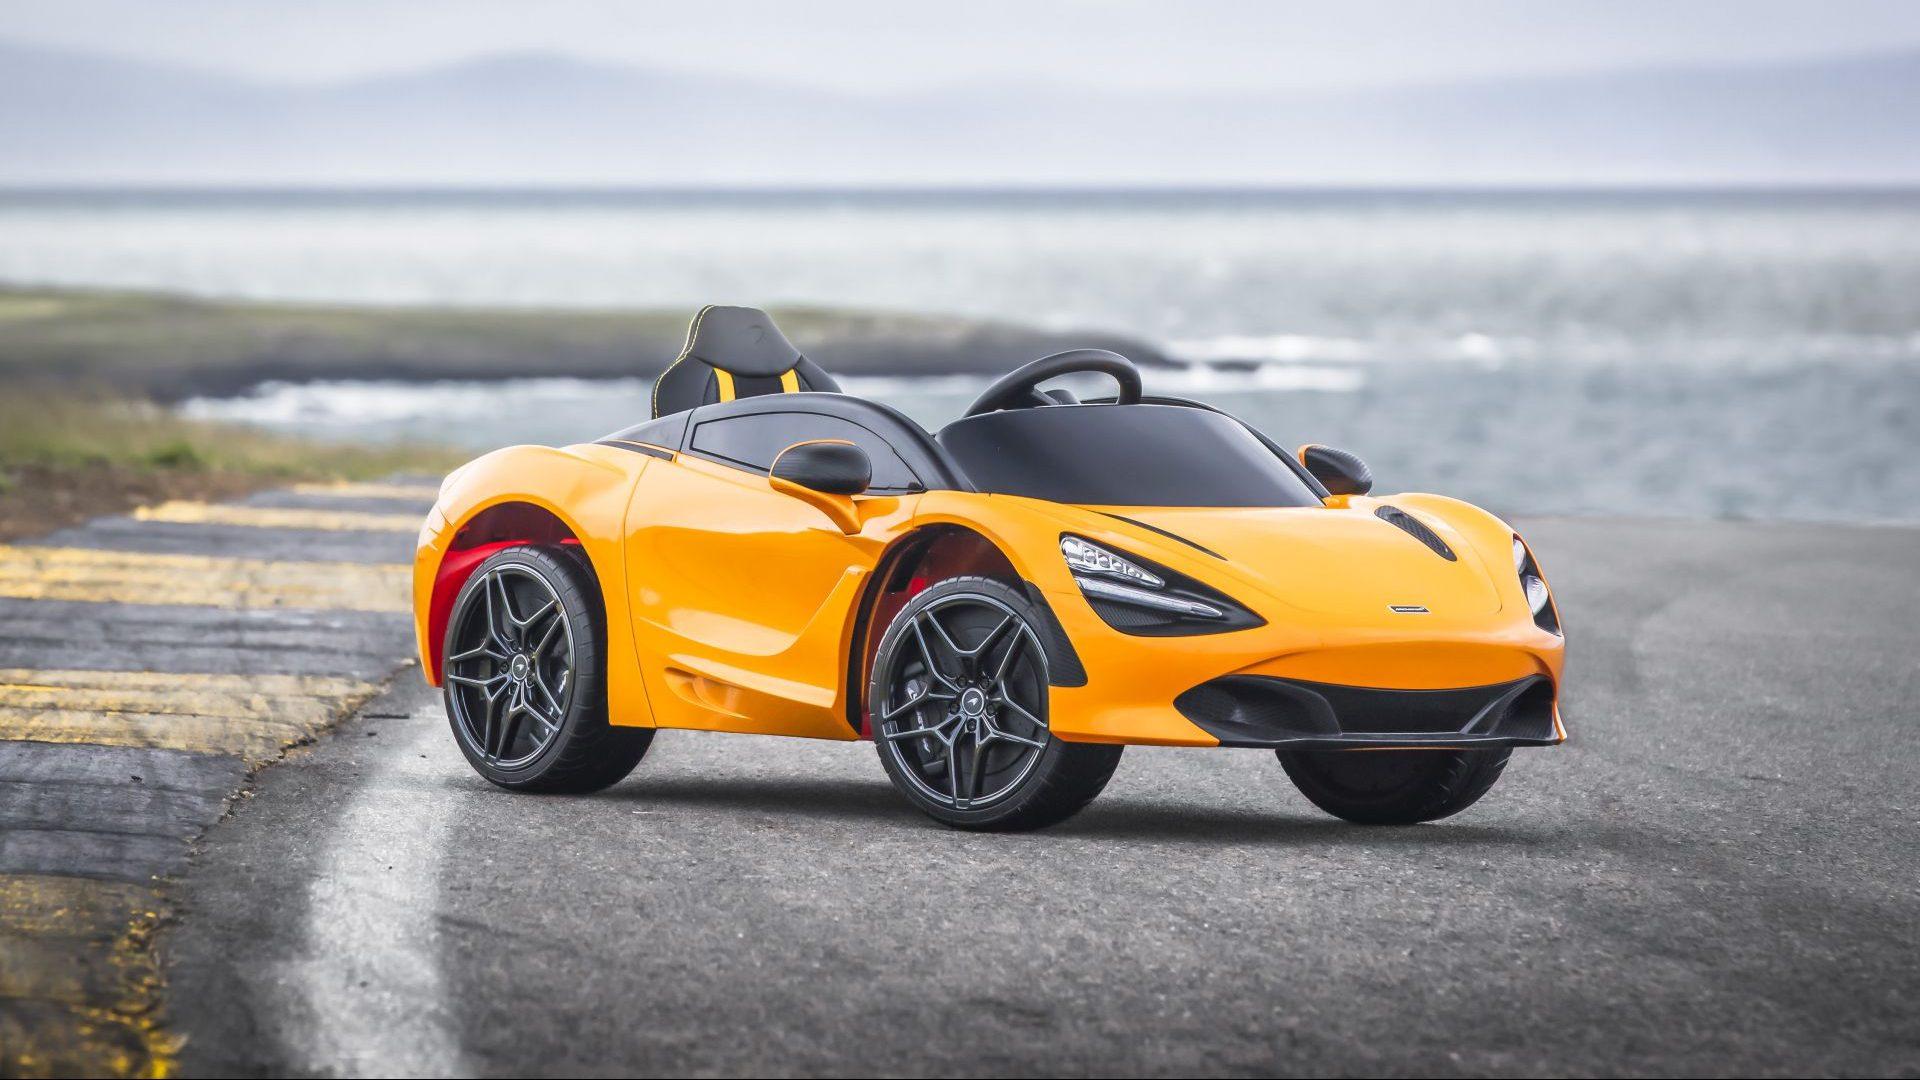 ¿Quieres un McLaren 720S descapotable por 350 euros?